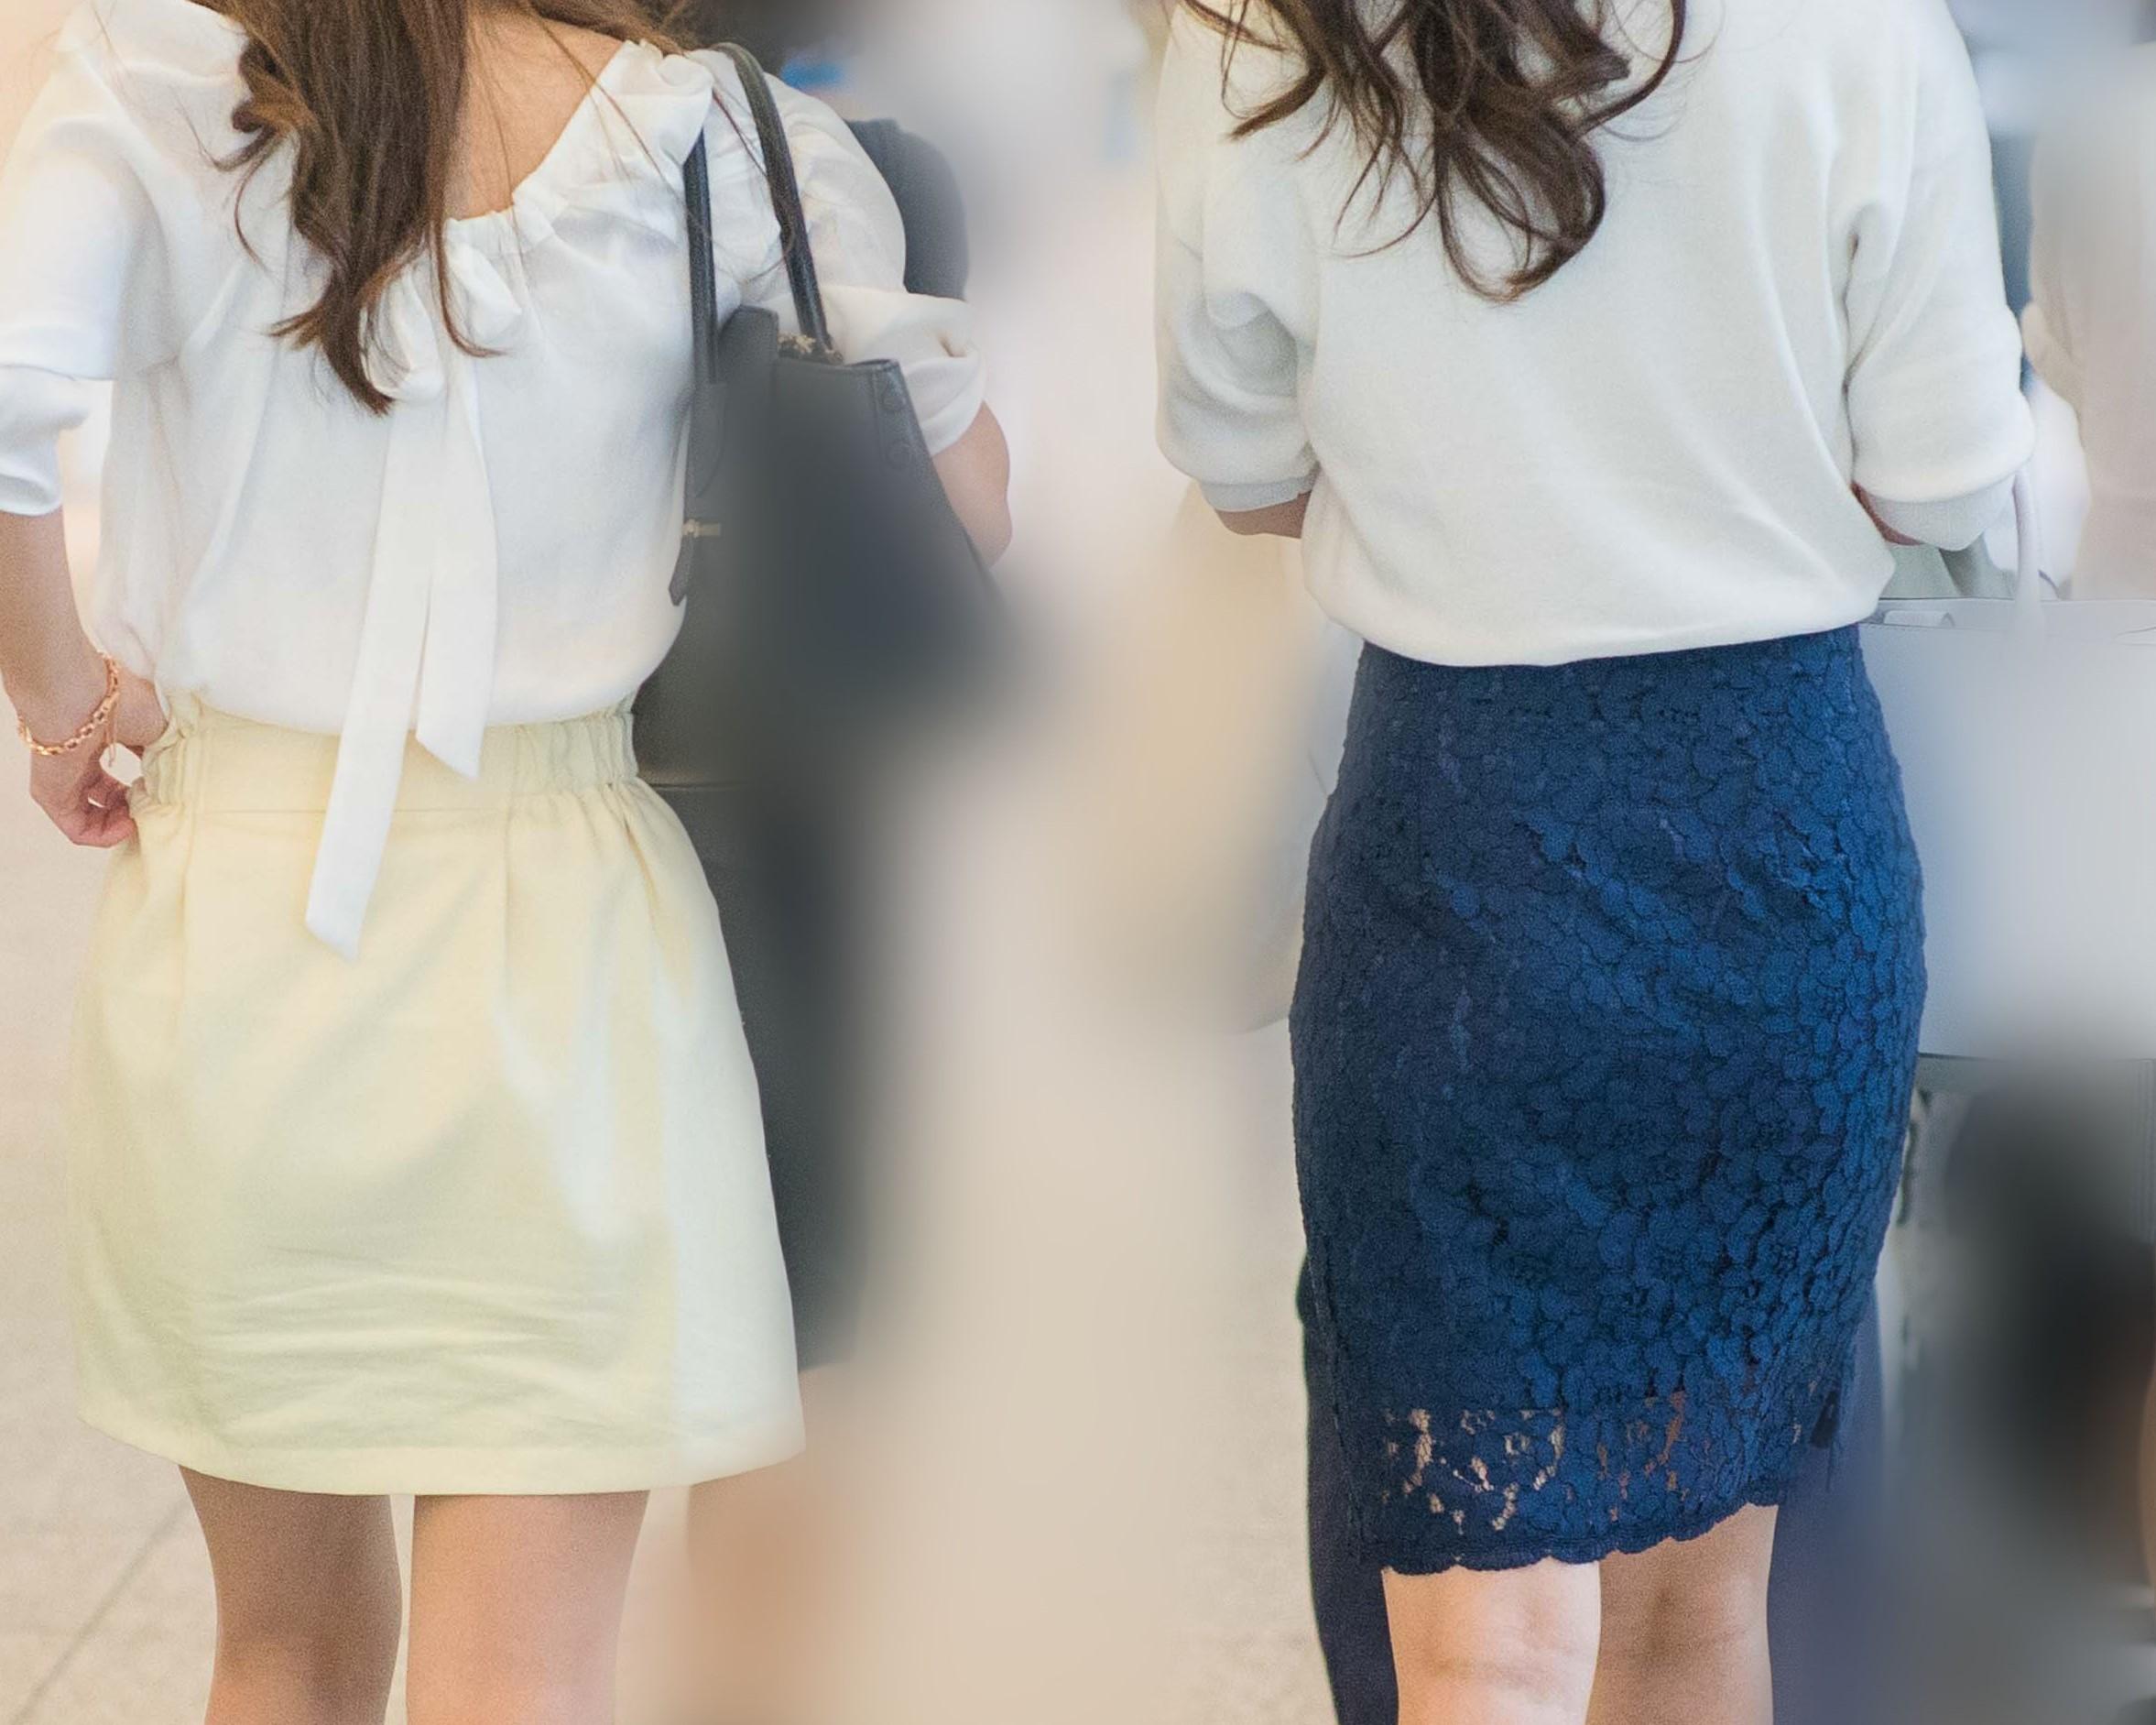 タイトな紺のレーススカートでフェロモン溢れる熟女さん!